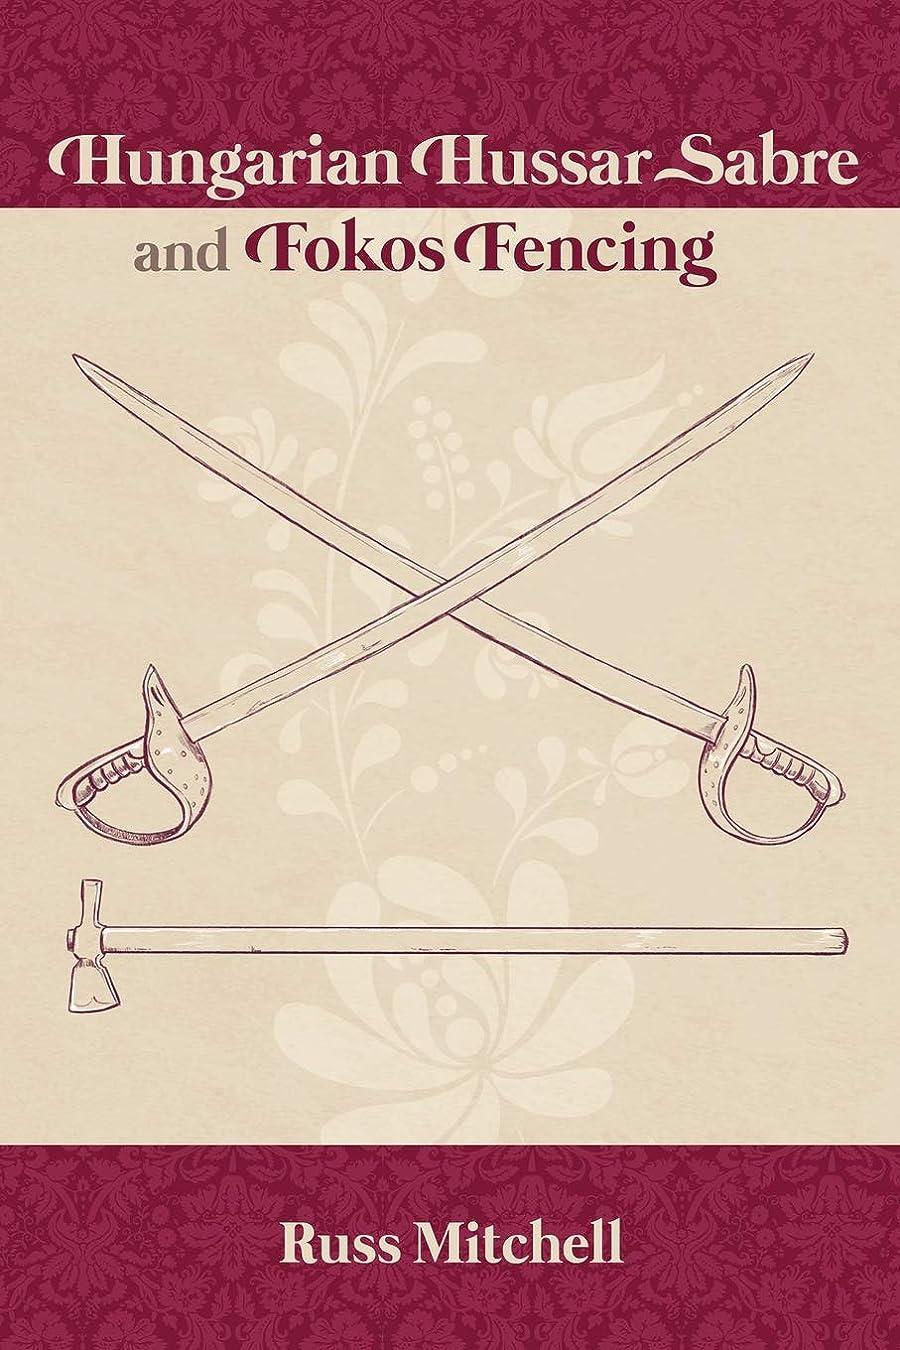 息切れアテンダント助けてHungarian Hussar Sabre and Fokos Fencing